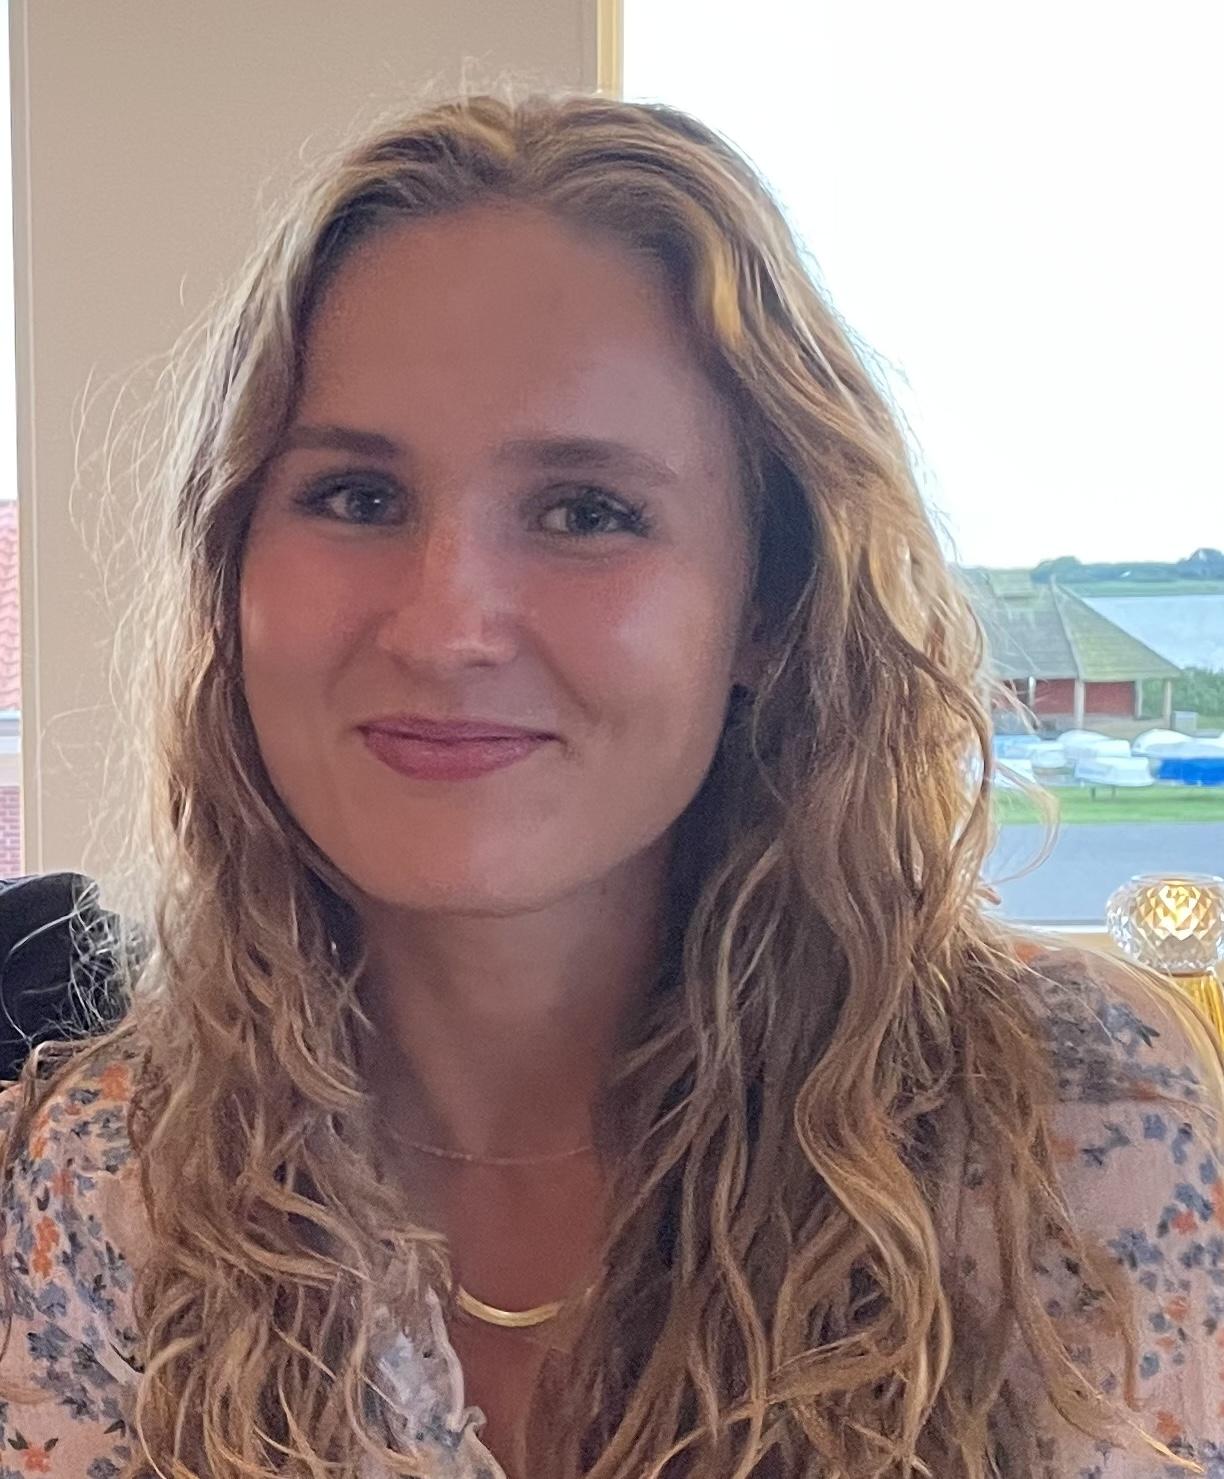 Marie Møllebæk